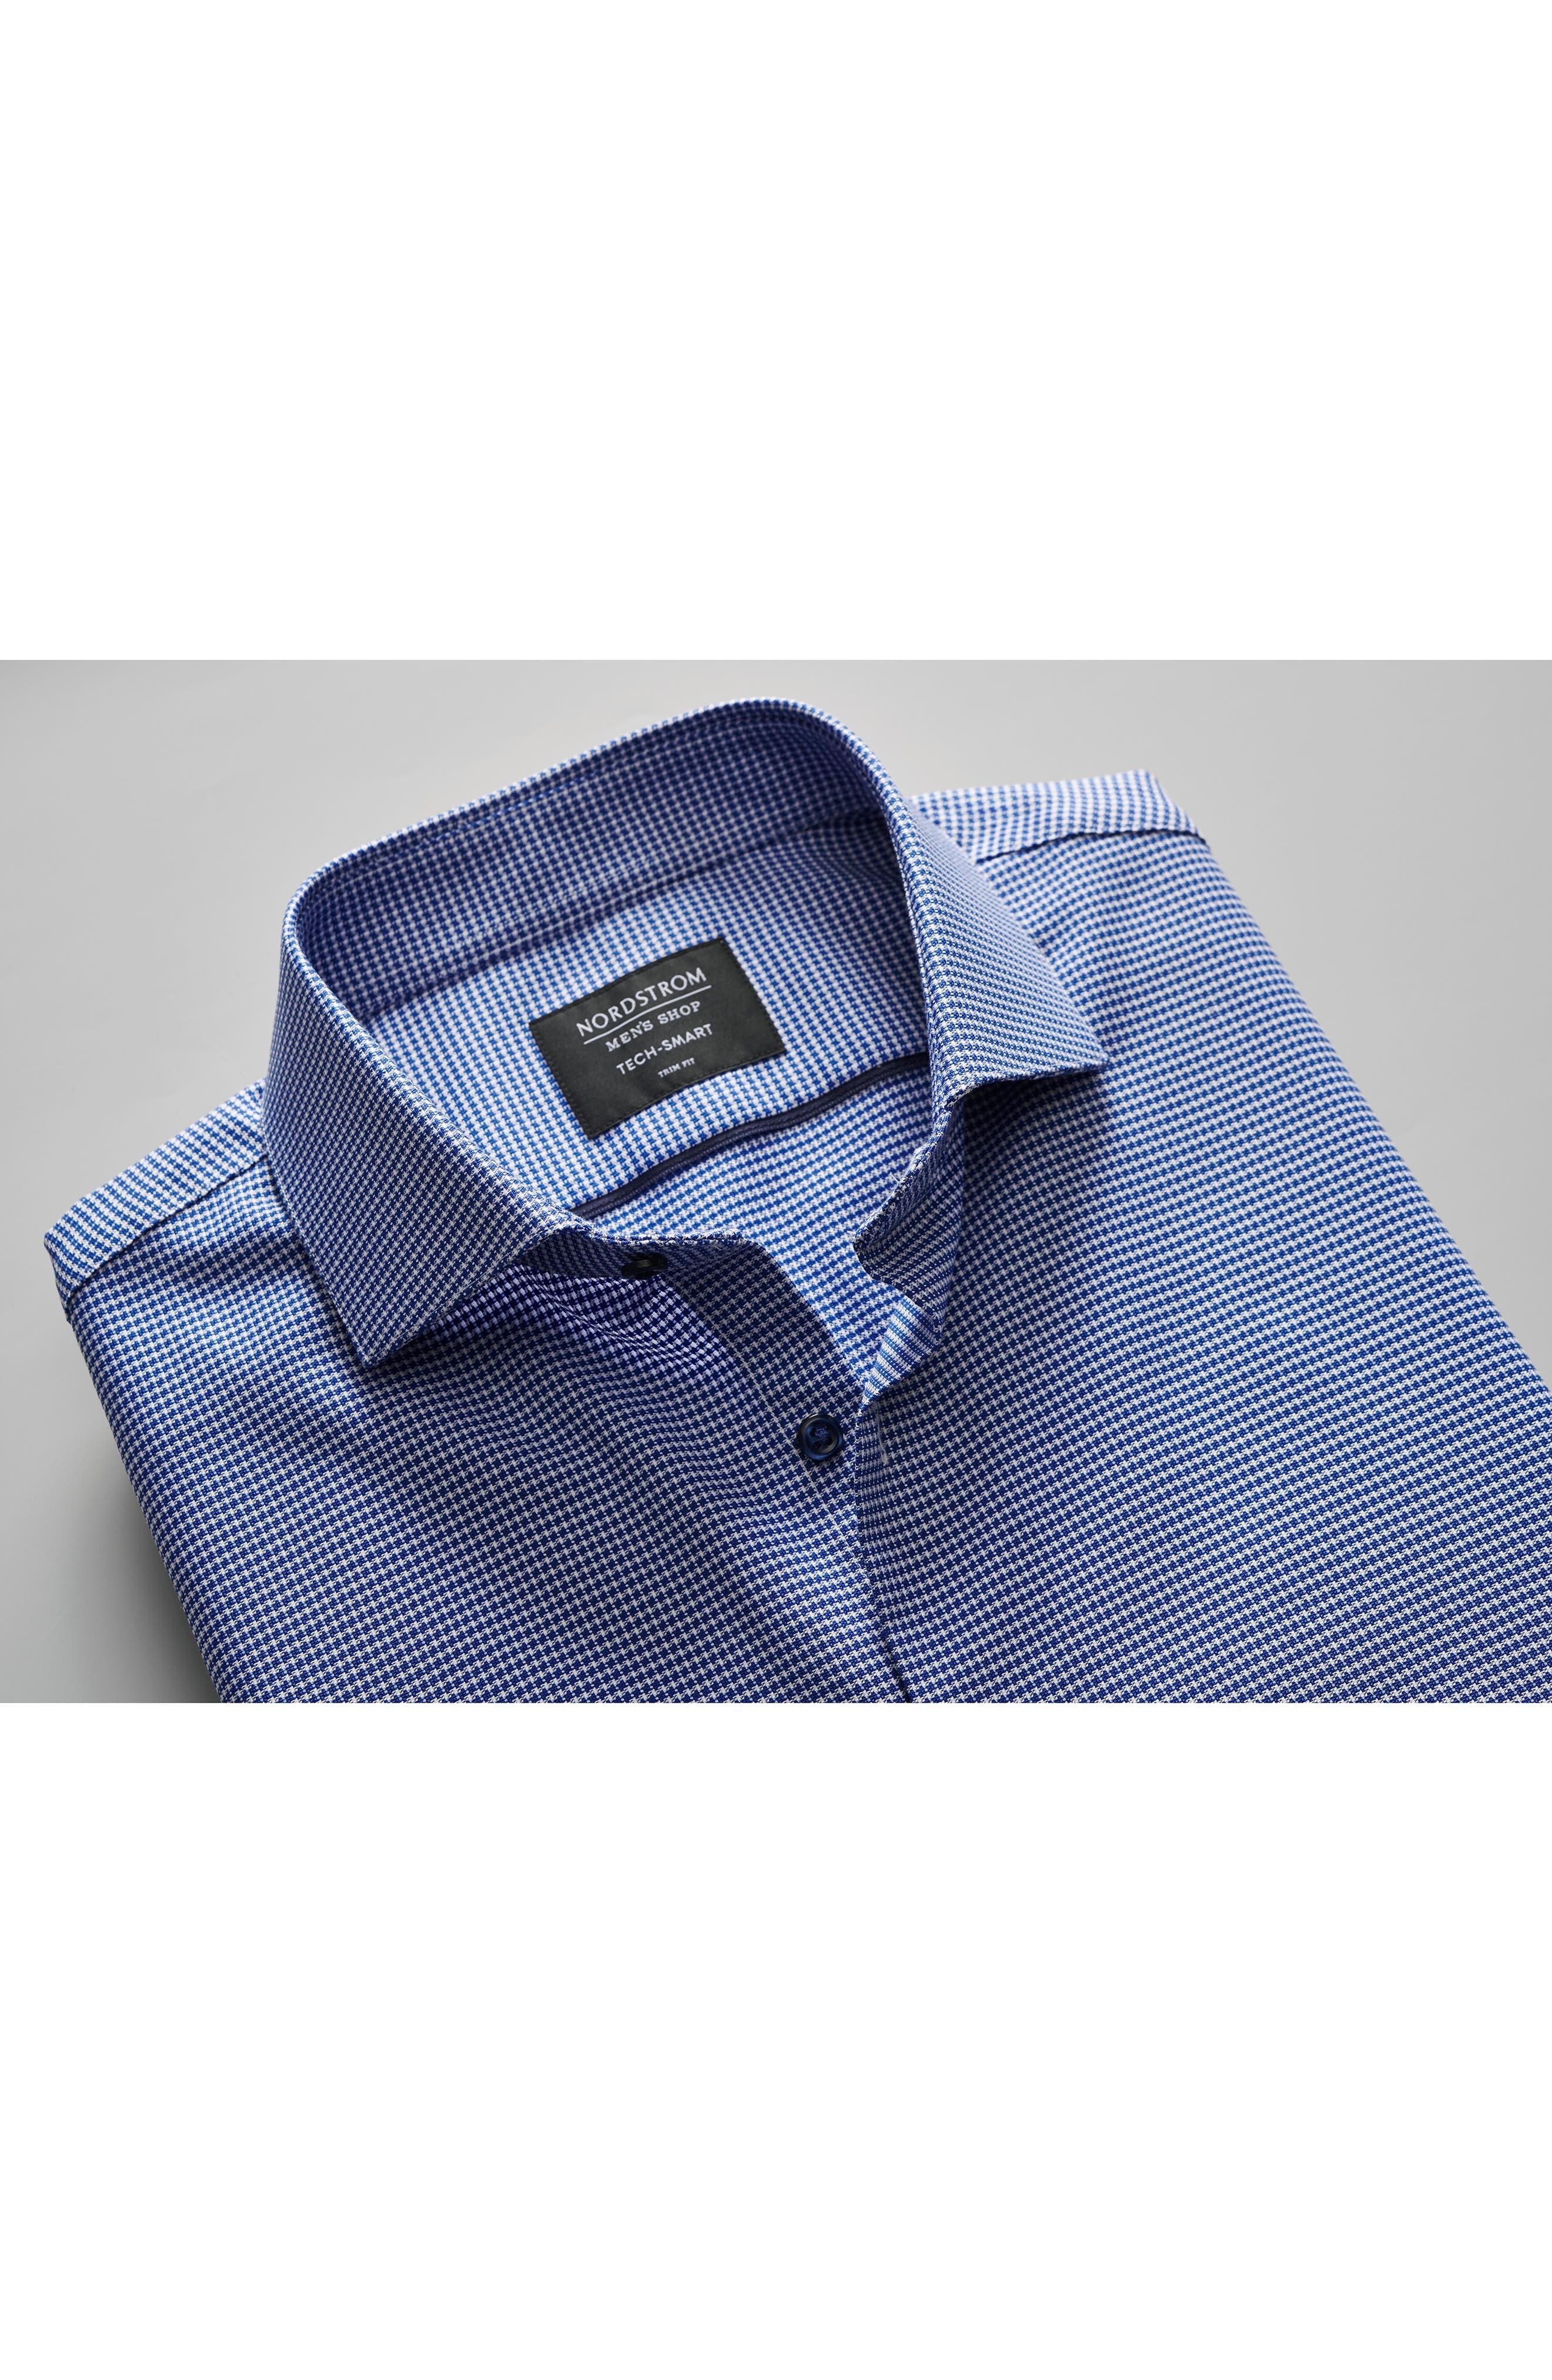 Tech-Smart Trim Fit Stretch Texture Dress Shirt,                             Alternate thumbnail 10, color,                             WHITE